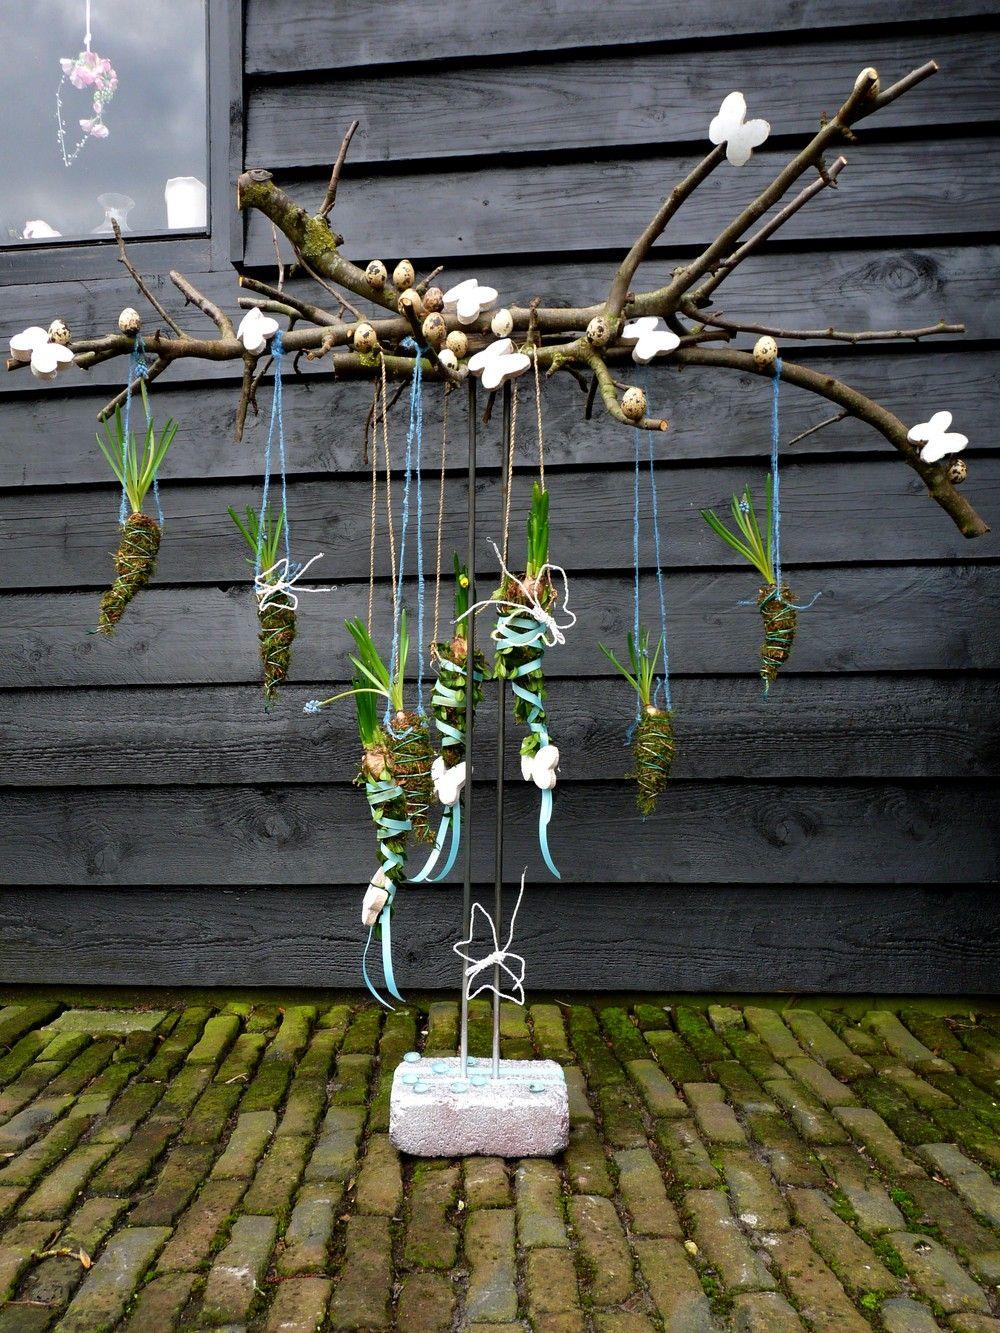 hangende lente voorjaarstuk met takken mos en bloembollen ostern pinterest ostern. Black Bedroom Furniture Sets. Home Design Ideas